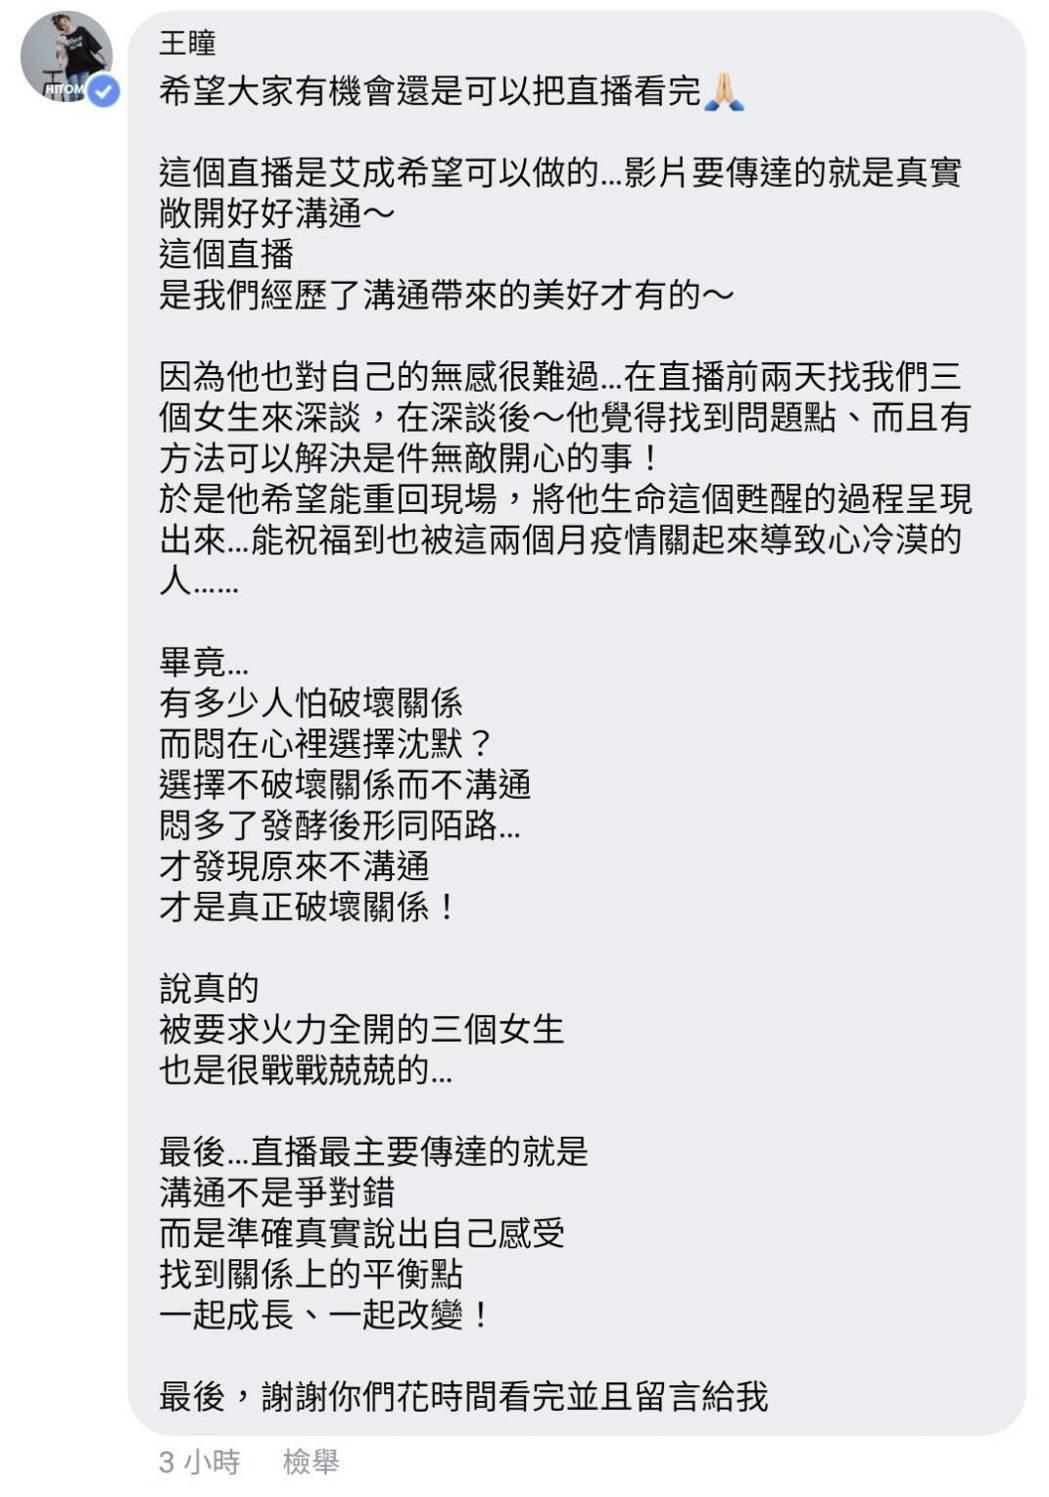 王瞳回應網友。圖/擷自王瞳臉書